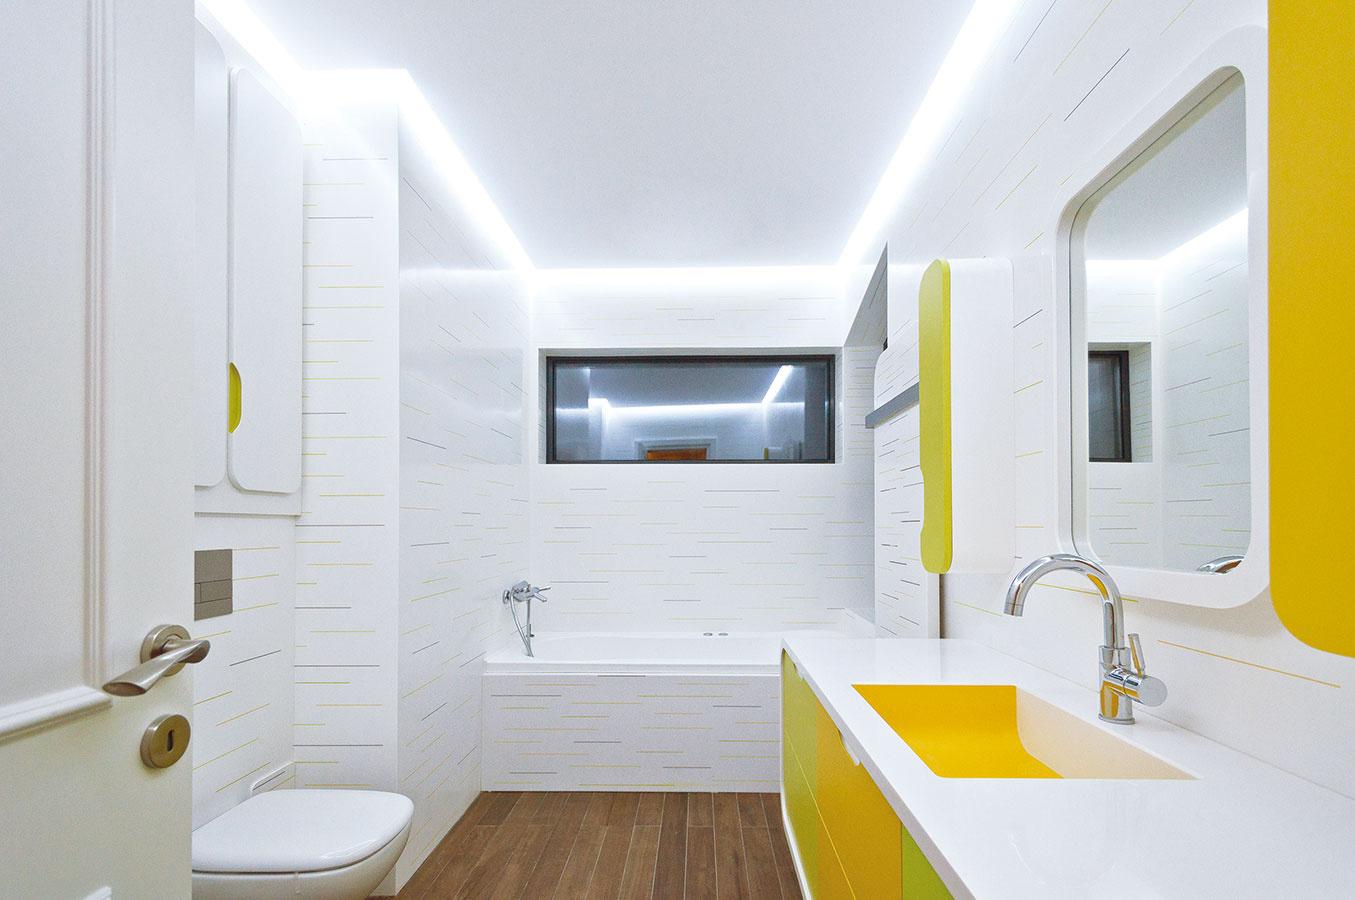 HI-MACS® zvládne jemne bielu kúpeľňu, no aj variant, ktorý prináša záplavu jasných farieb; dizajn navrhol Atvangarde Design Team/Adriana Tihon, interiér realizoval Atvangarde, vyrába LG Hausys, predáva www.polytradece.cz